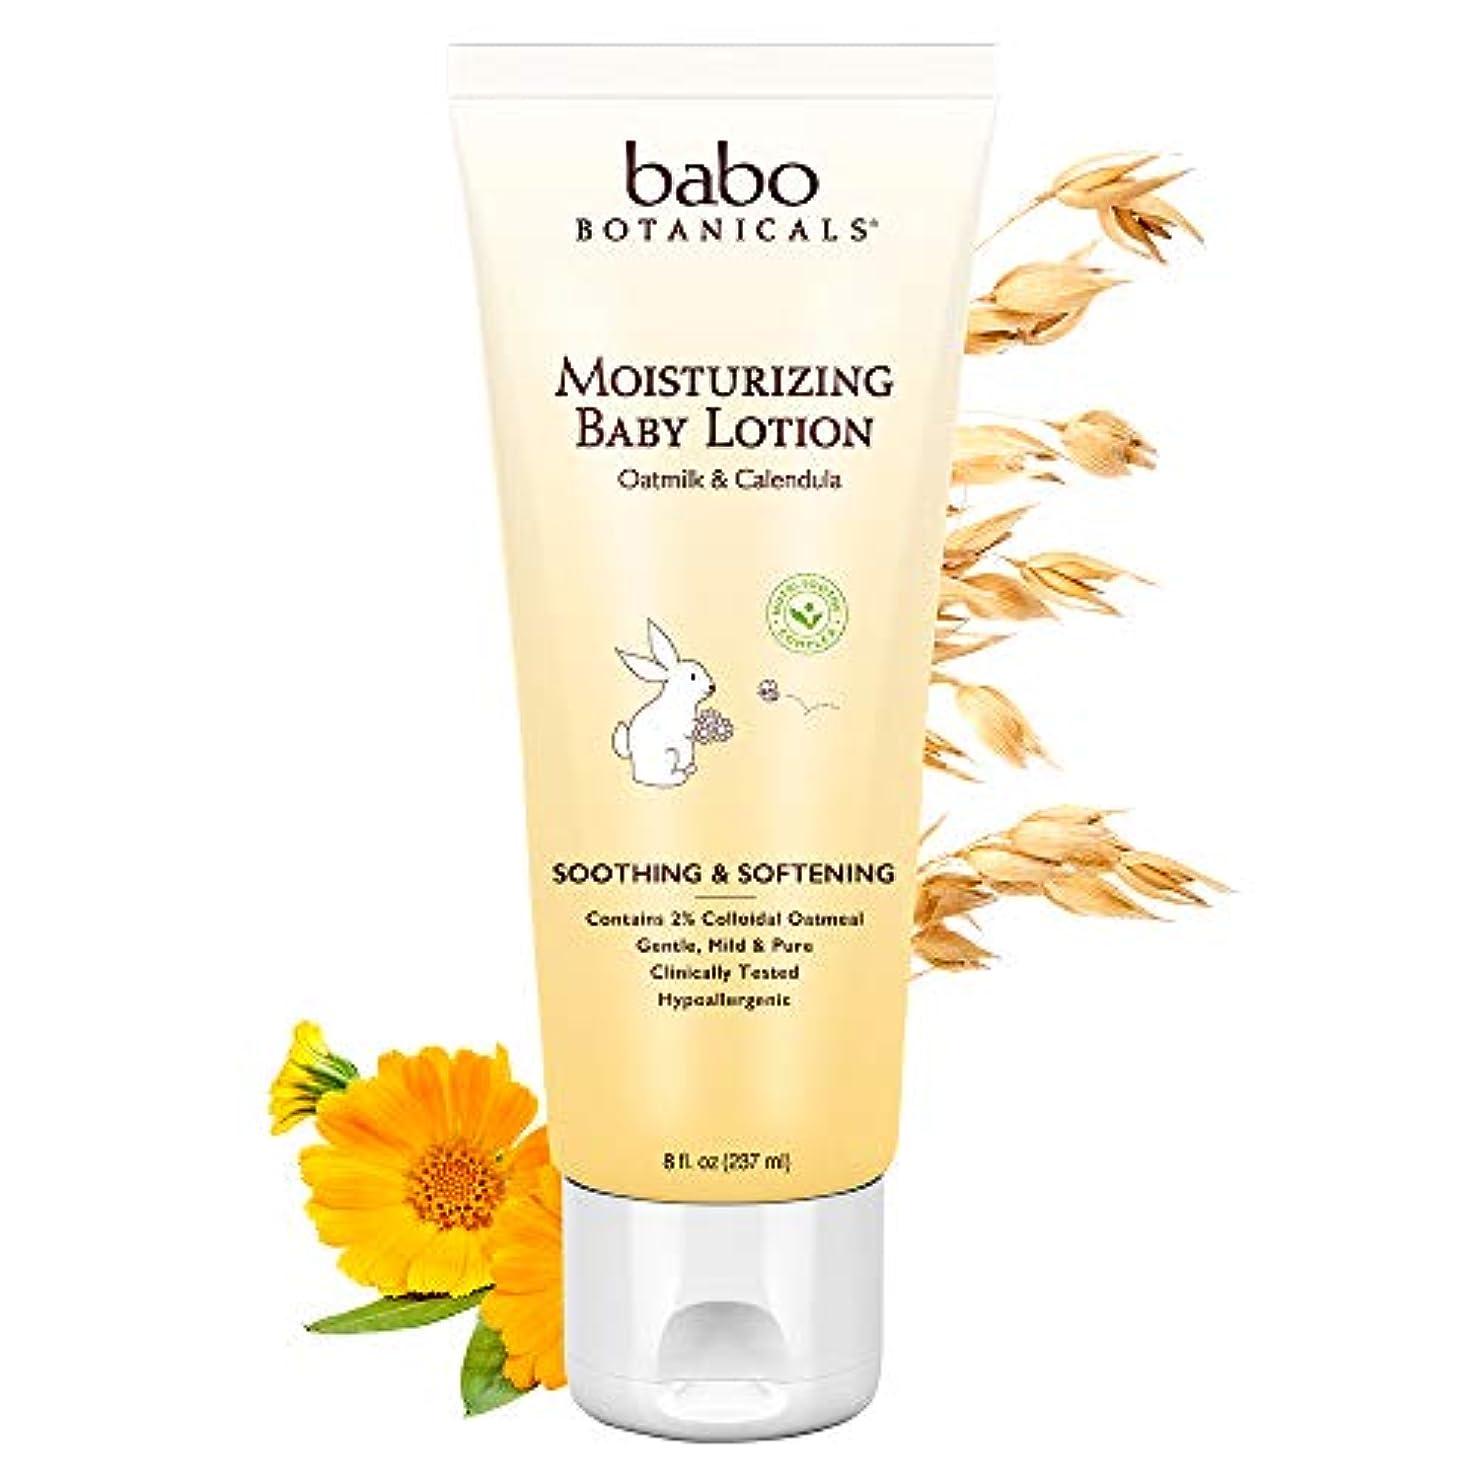 接続詞ベッツィトロットウッド母音Babo Botanicals Oatmilkカレンデュラ保湿ベビーローション、 - スージング敏感肌のためのベストのベビーローション。アトピー性皮膚炎を和らげるのに役立ちます。ナチュラルオーツとオーガニックカレンデュラ...